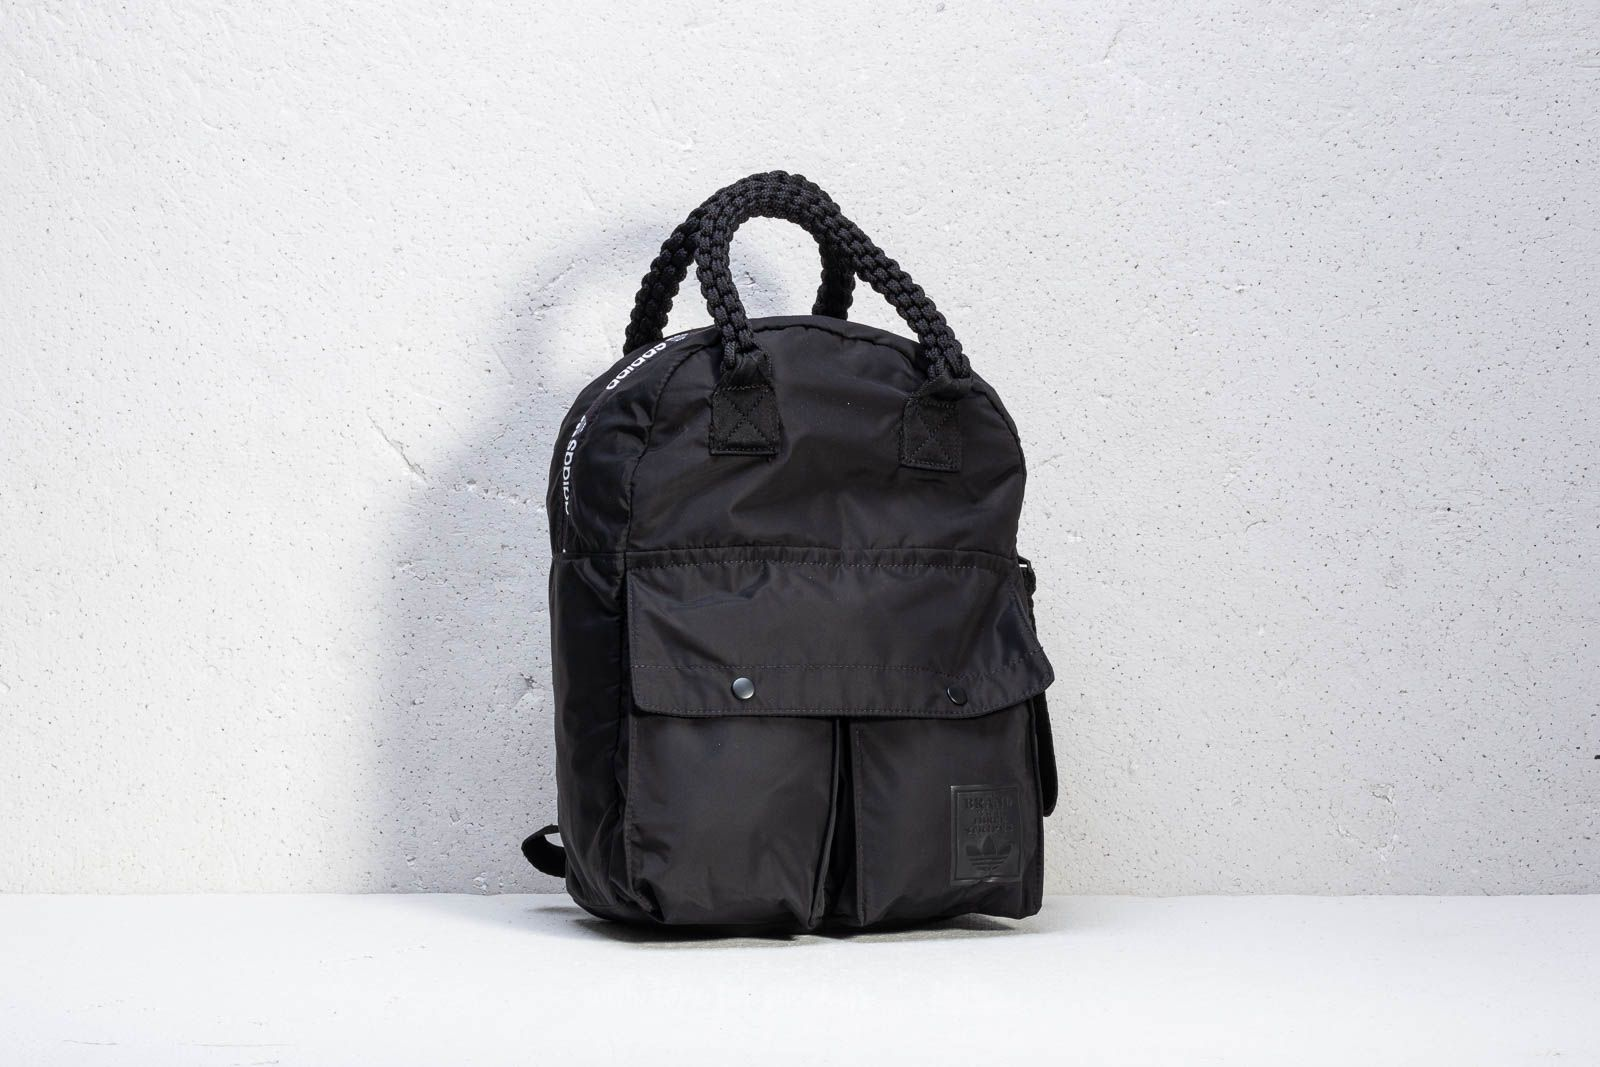 adidas Originals Backpack Black  c4027a8d04613